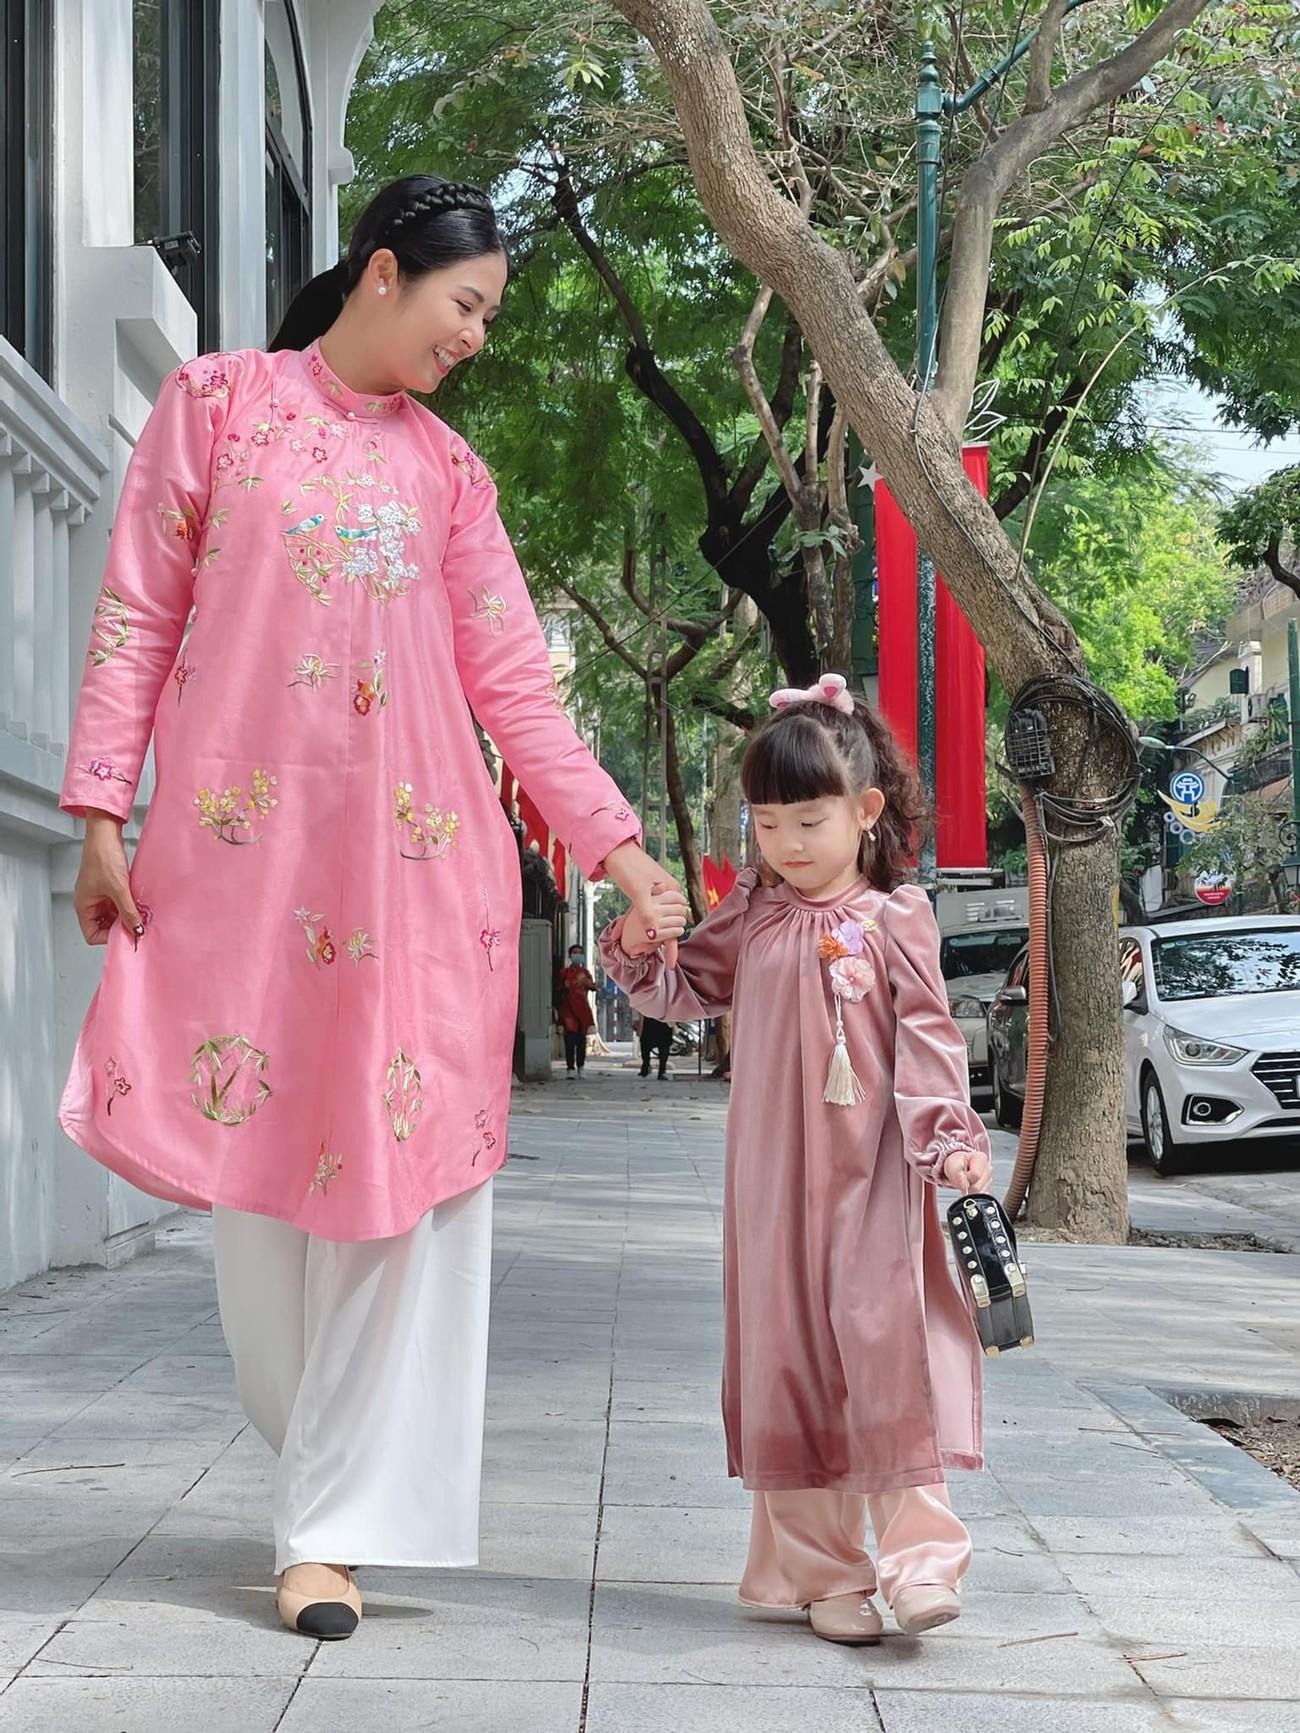 Ngọc Hân và hội bạn thân cả thập kỷ mặc áo dài khoe dáng trên phố Xuân mùng 2 Tết ảnh 4